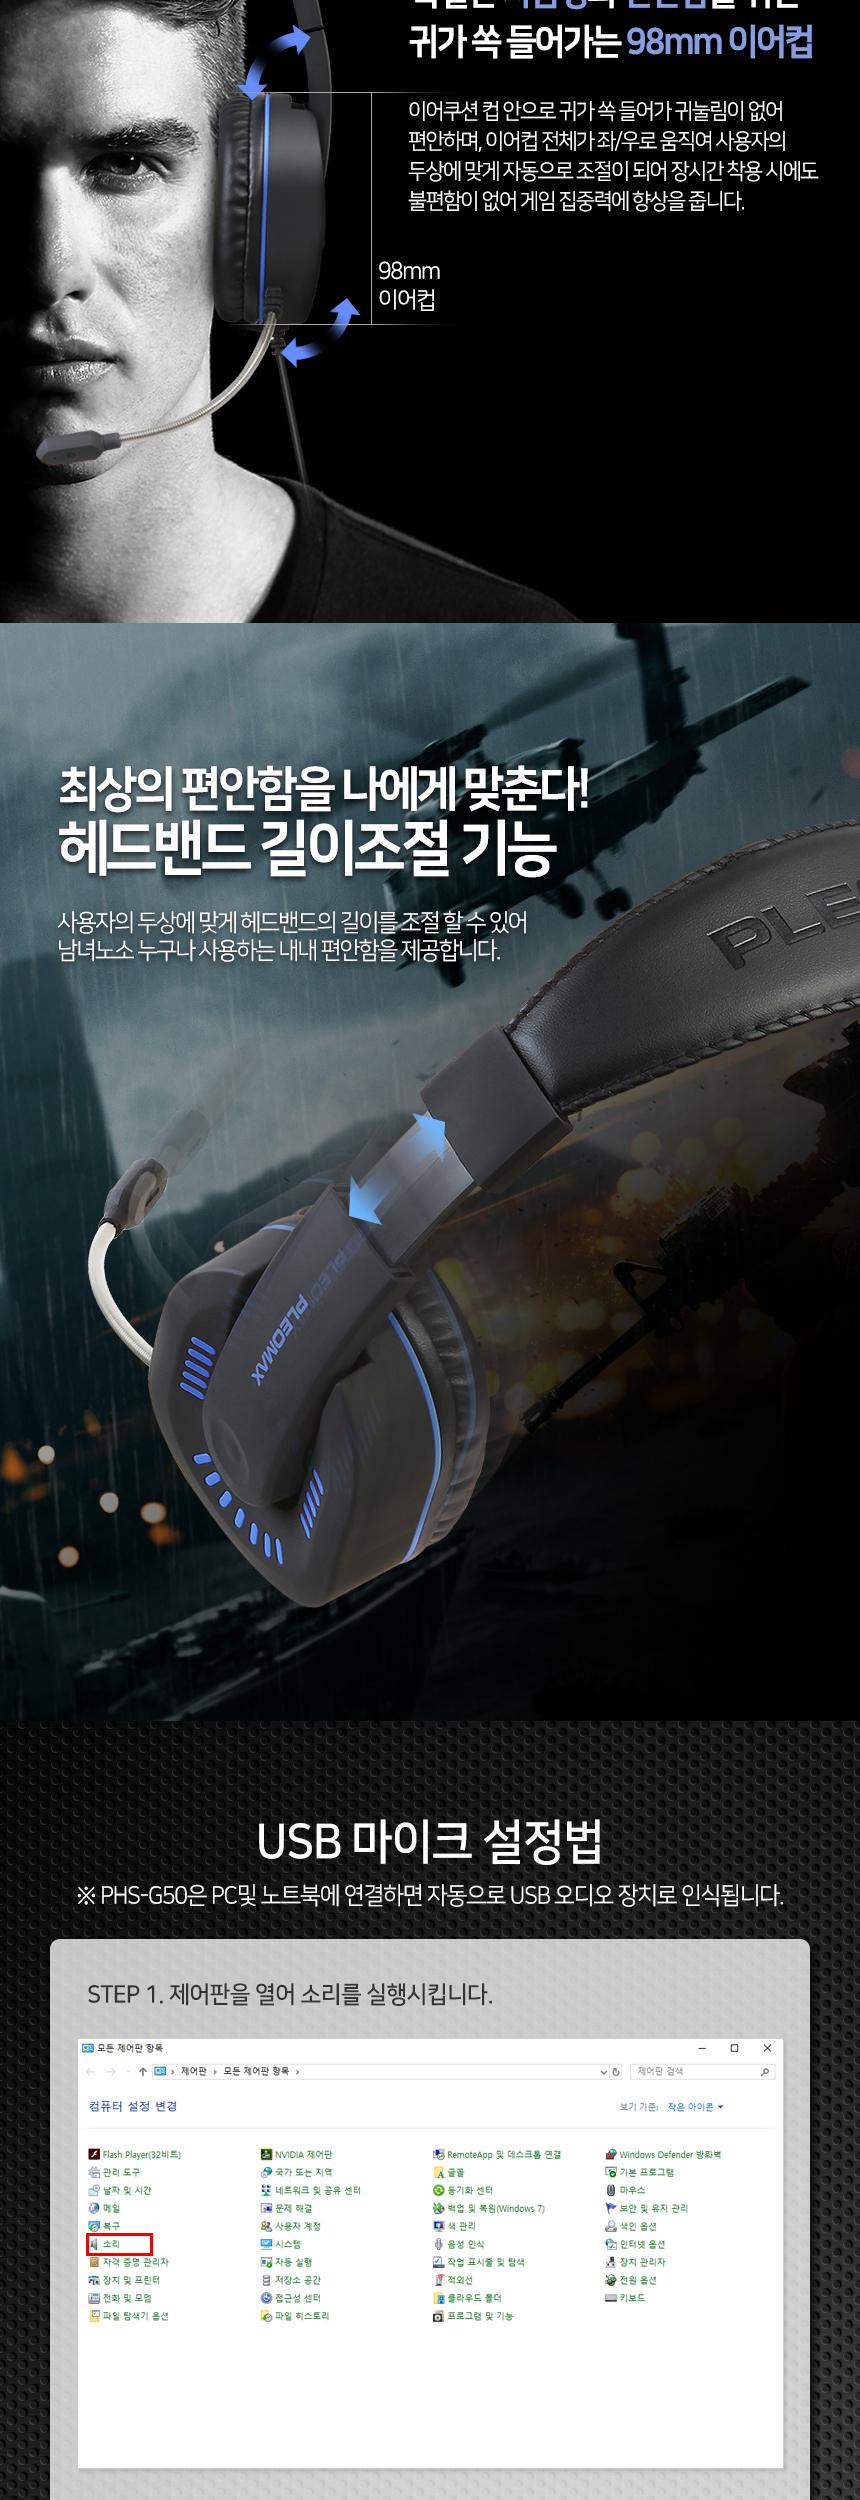 삼성물산 PLEOMAX PHS-G50 게이밍 헤드셋